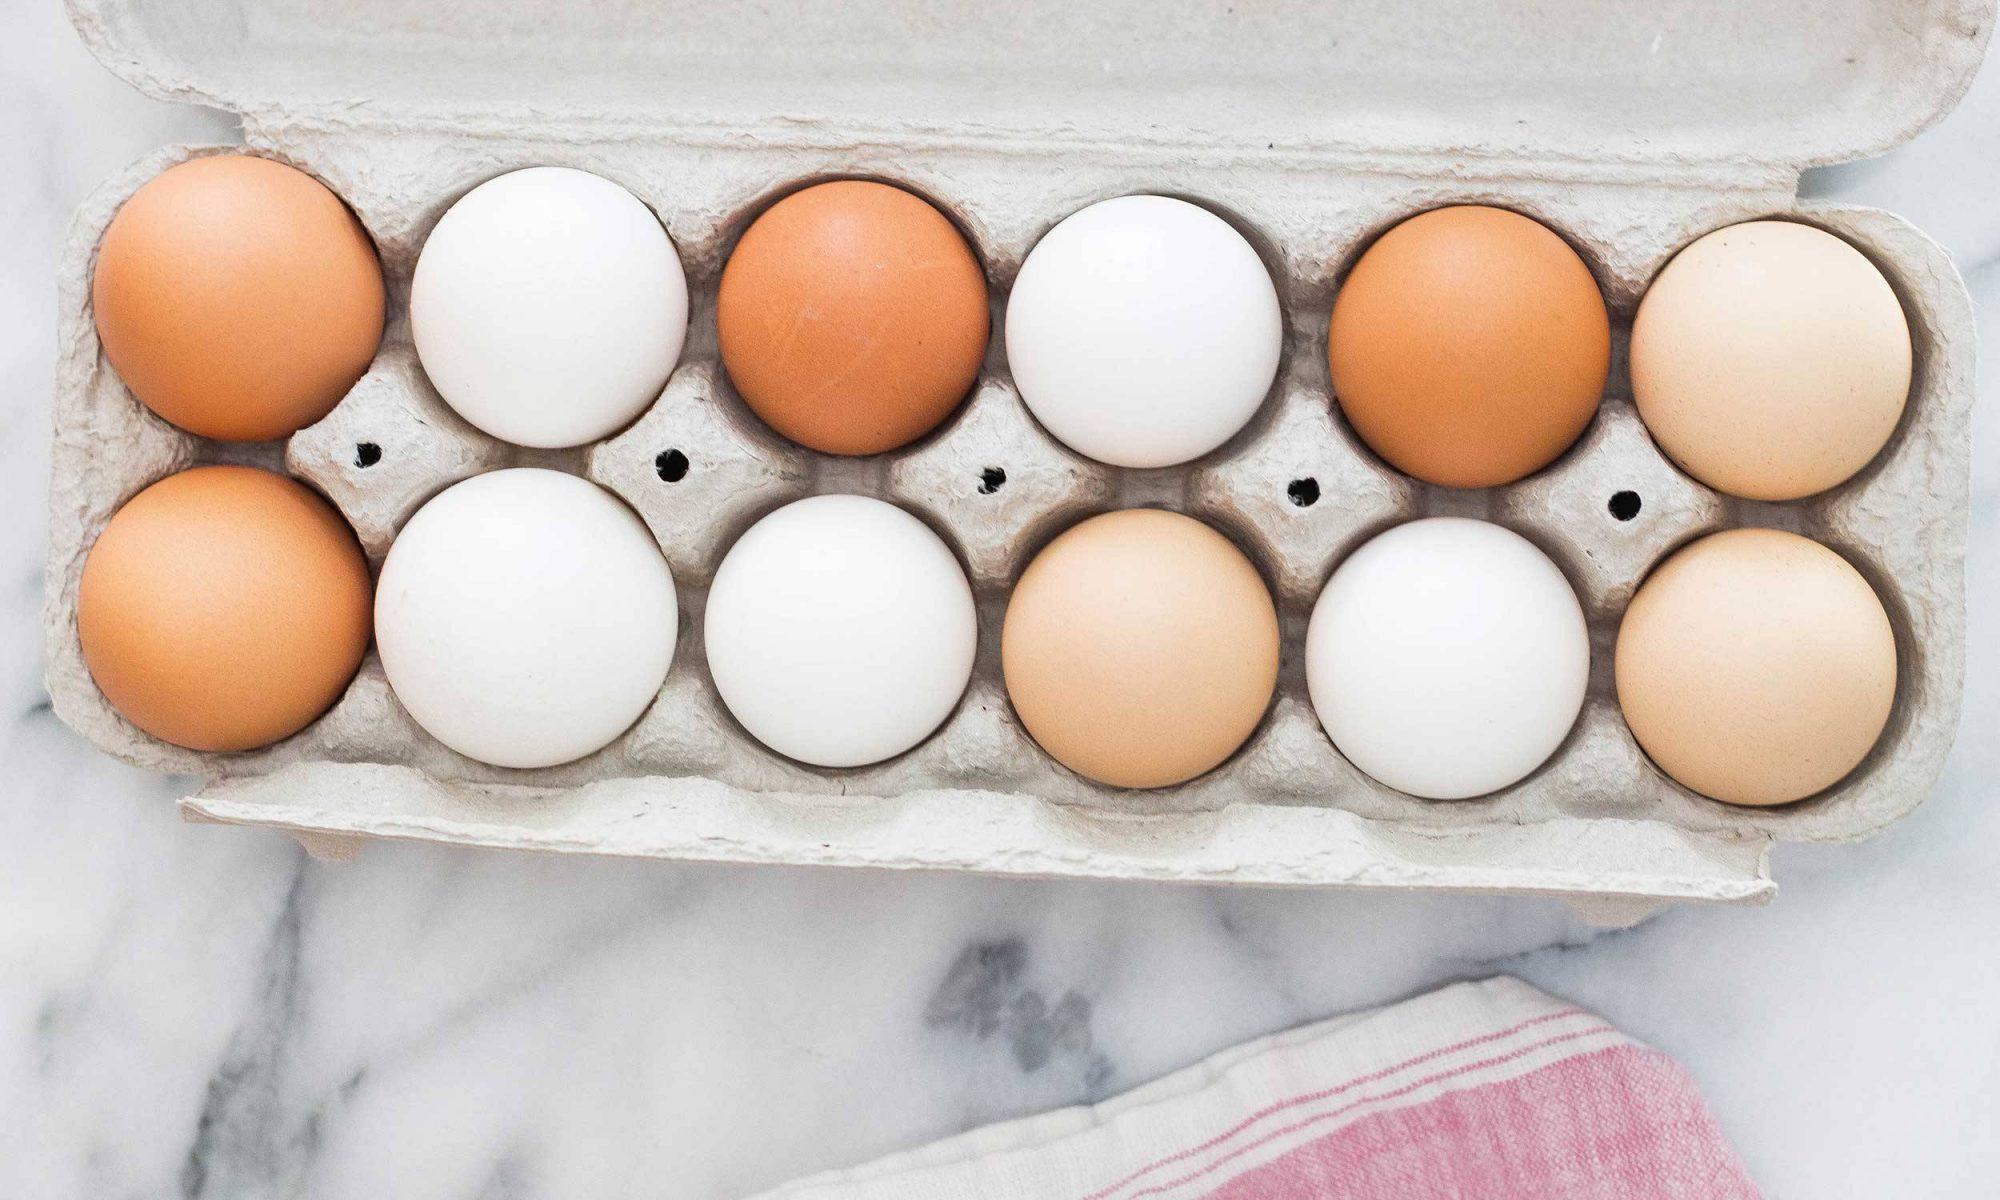 Dozen eggs in carton on marble top